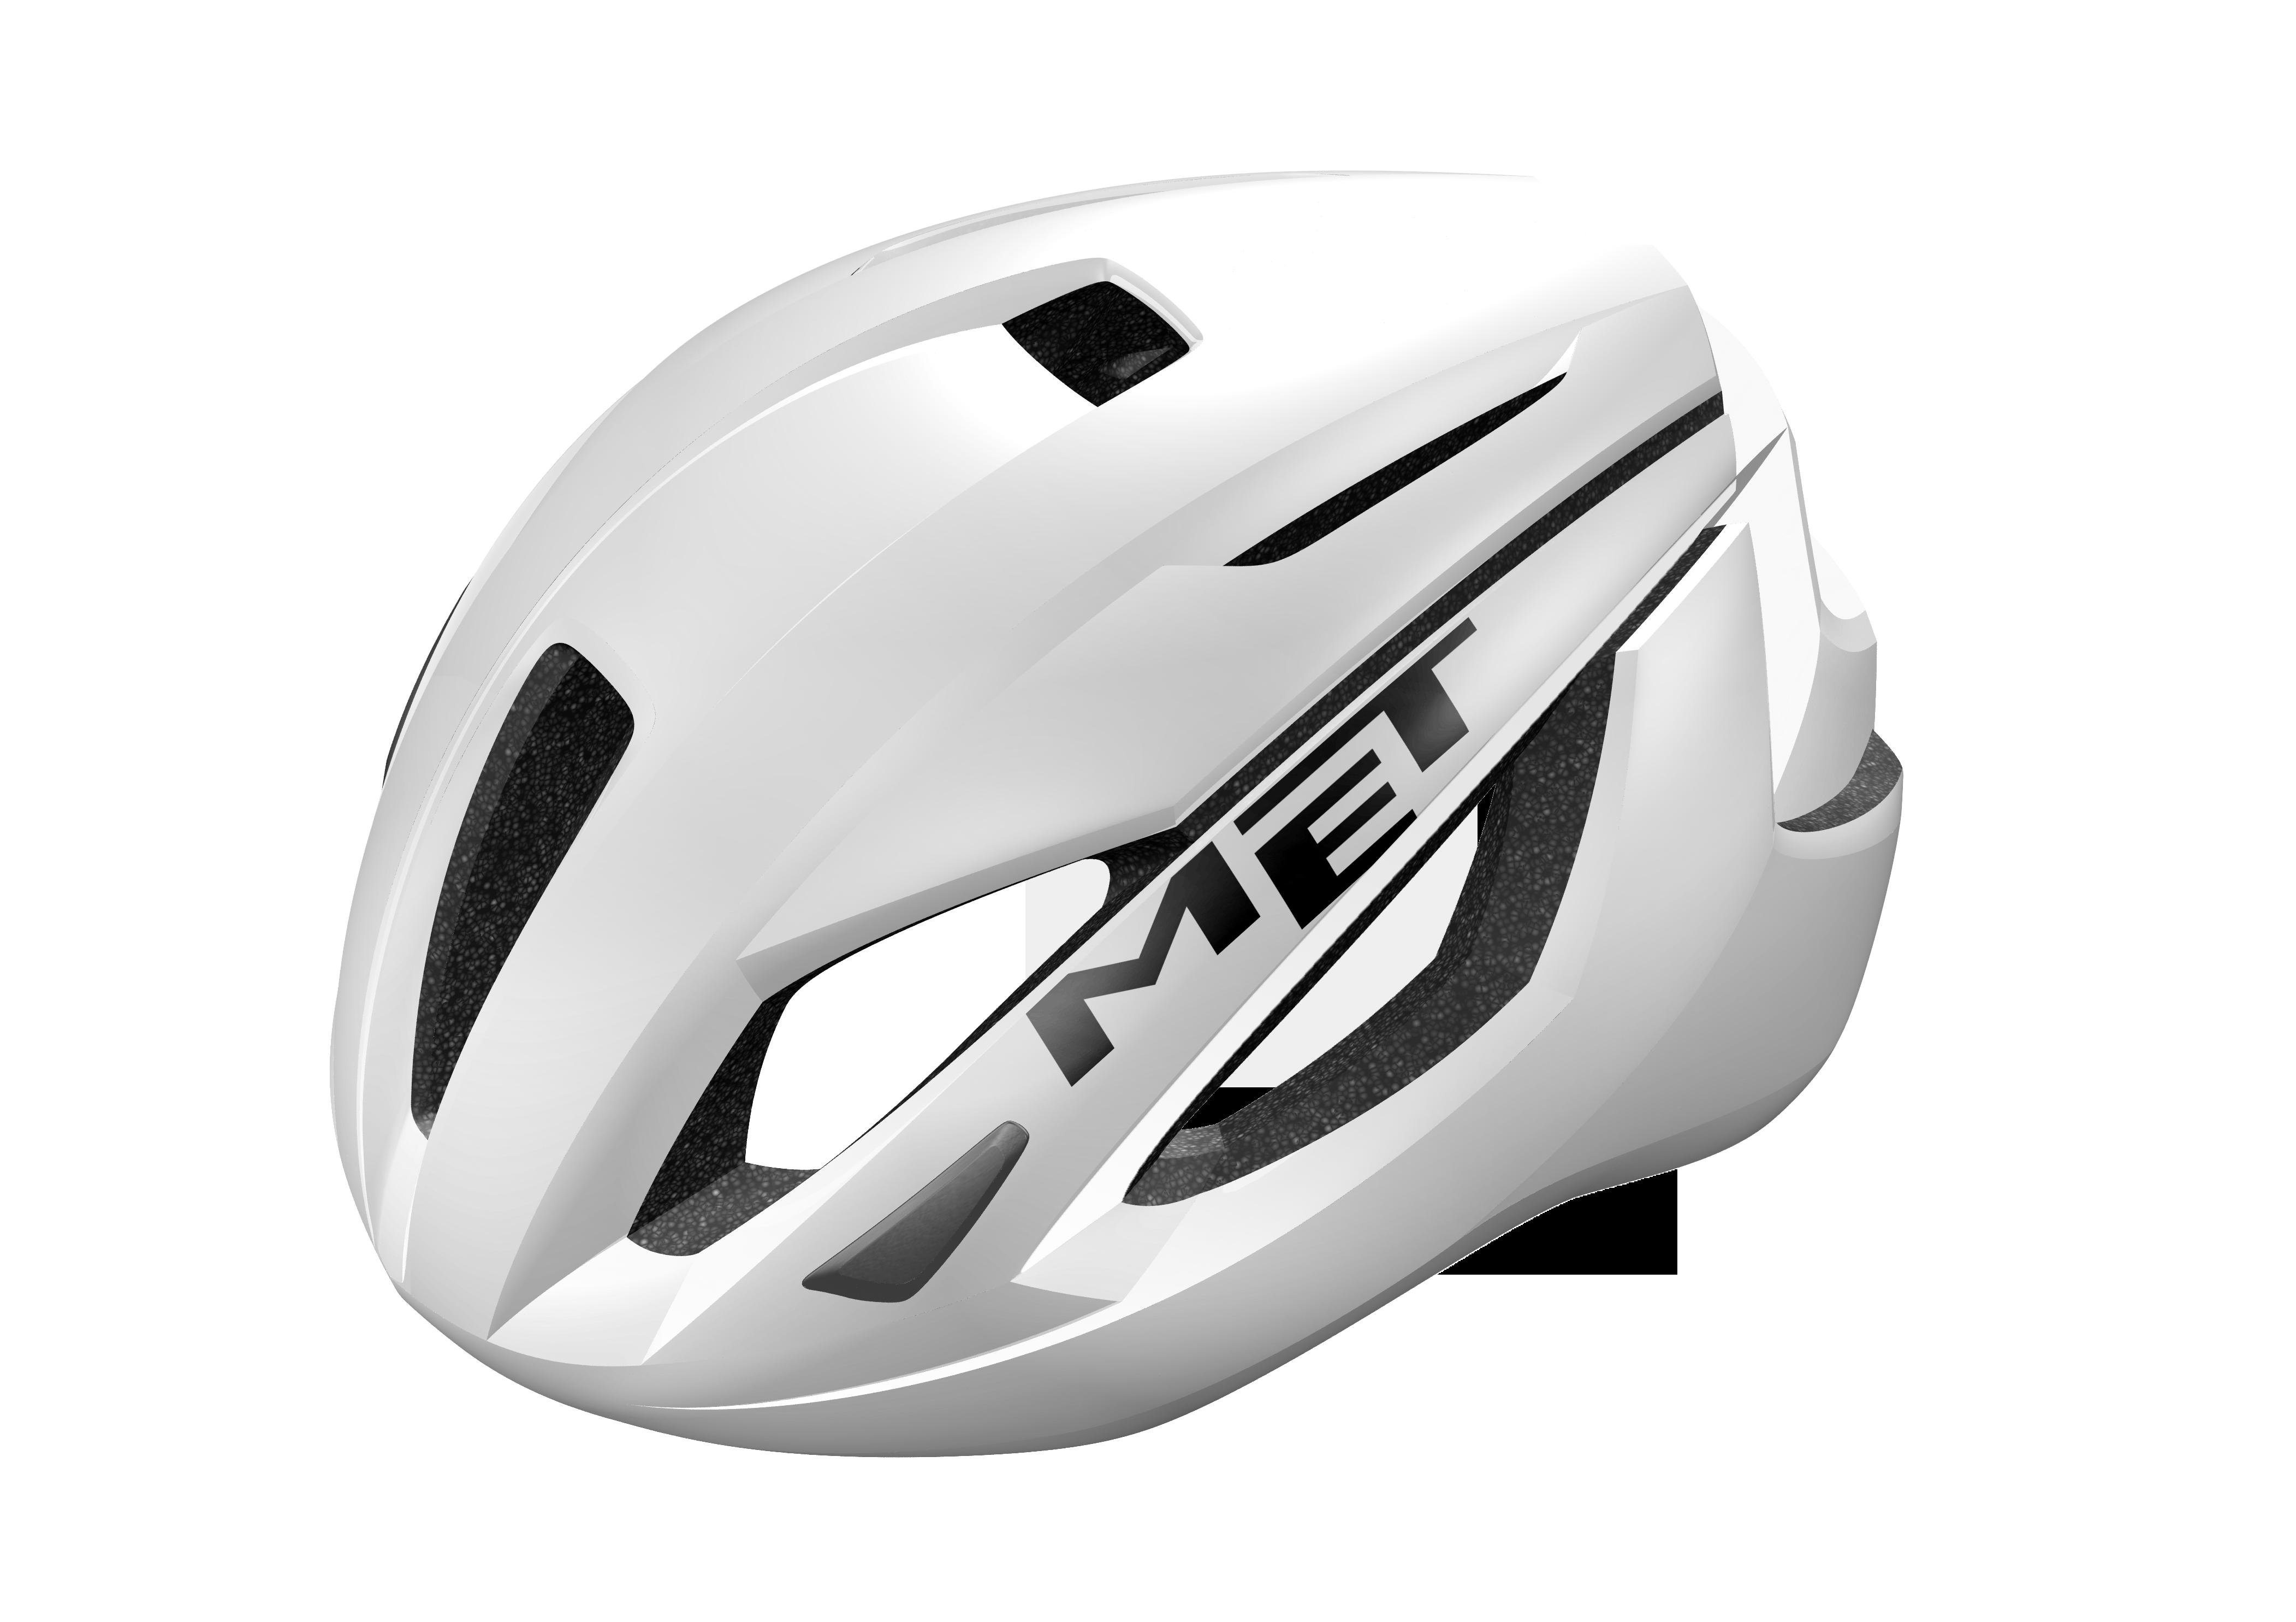 Deze met strale race fietshelm heeft een integrale in moulding constructie goede ventilatie safe